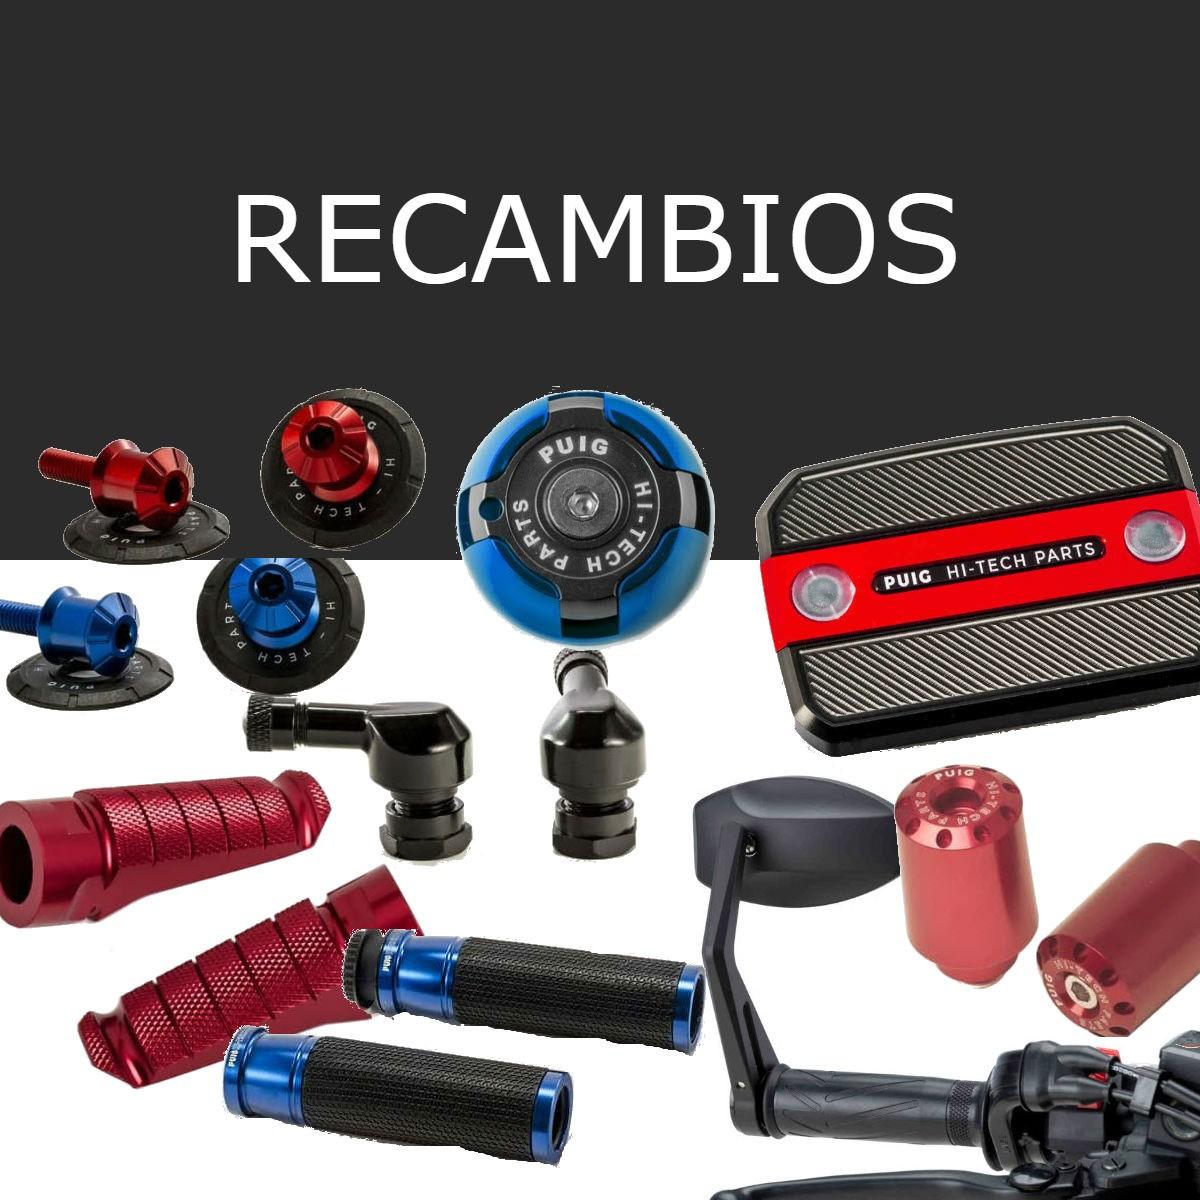 RECAMBIOS